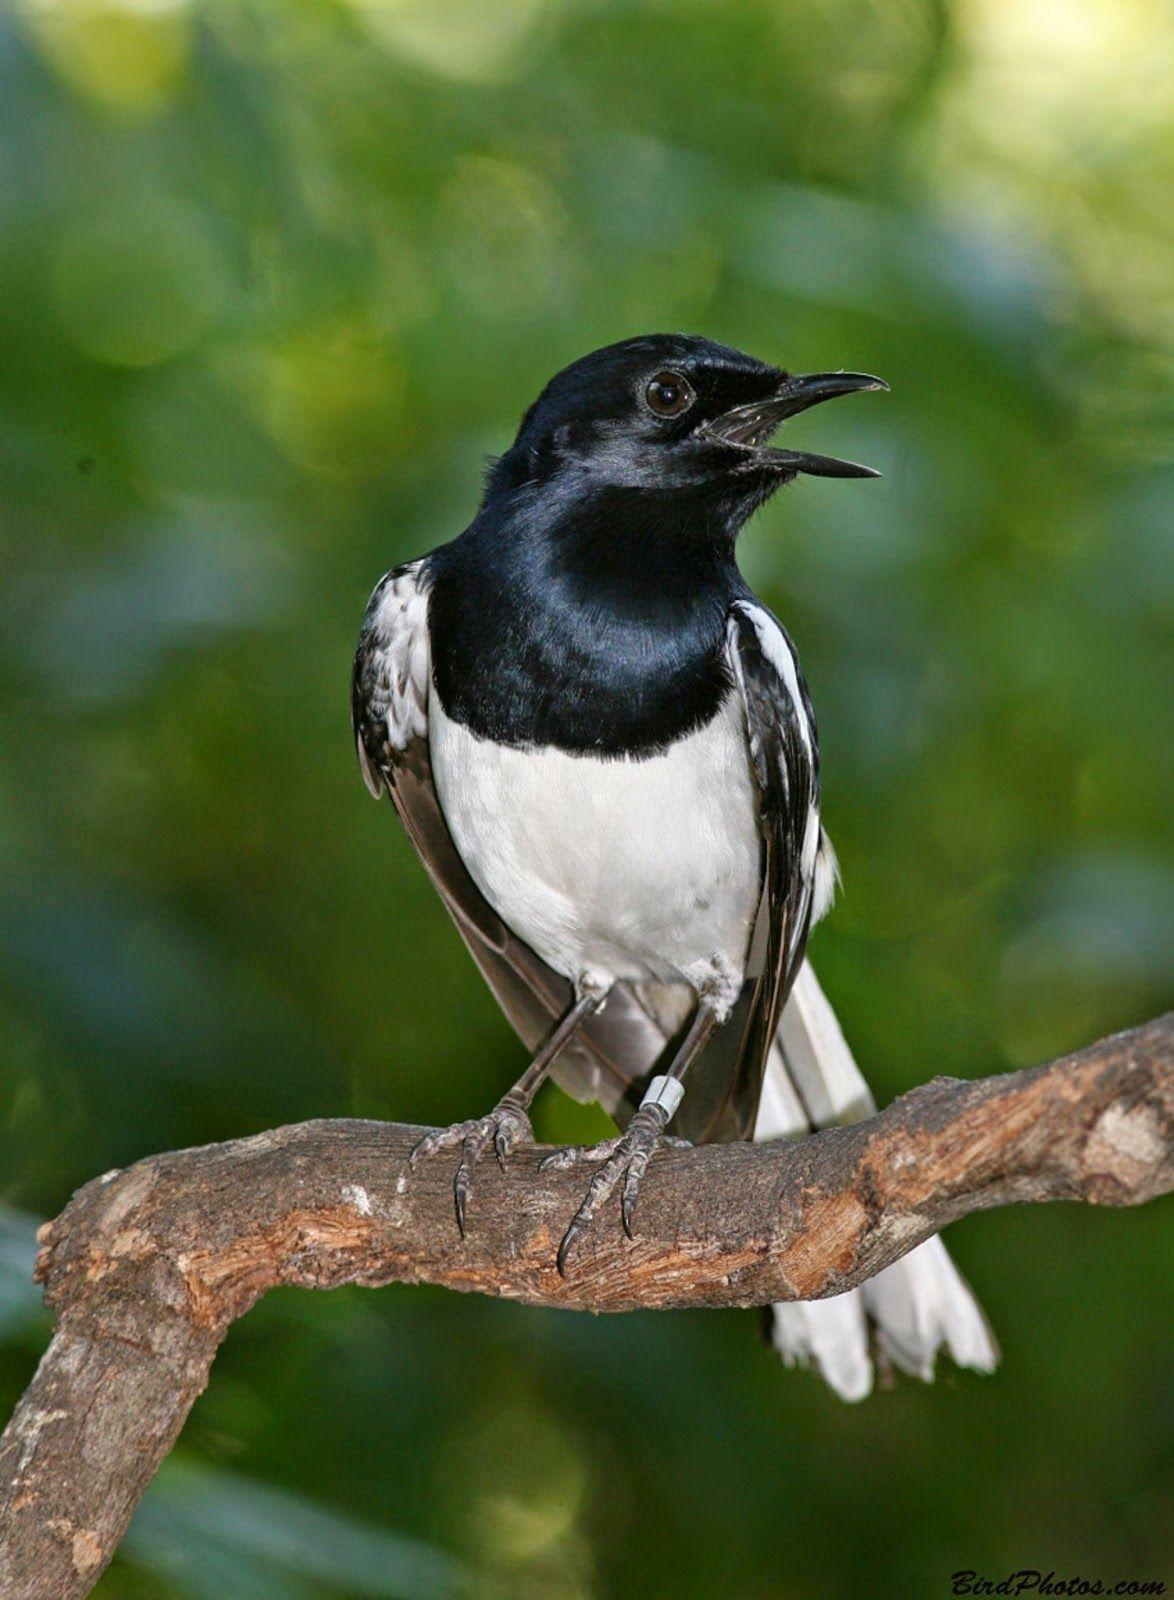 Foto Burung Kacer Piaraan Burung Hewan